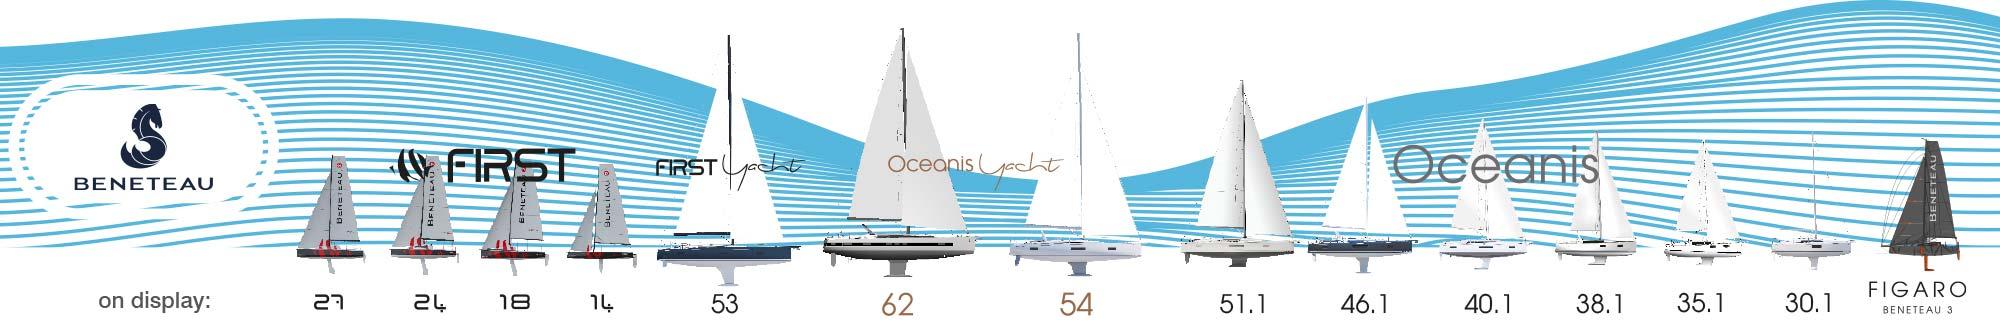 beneteau Sail line up 2021